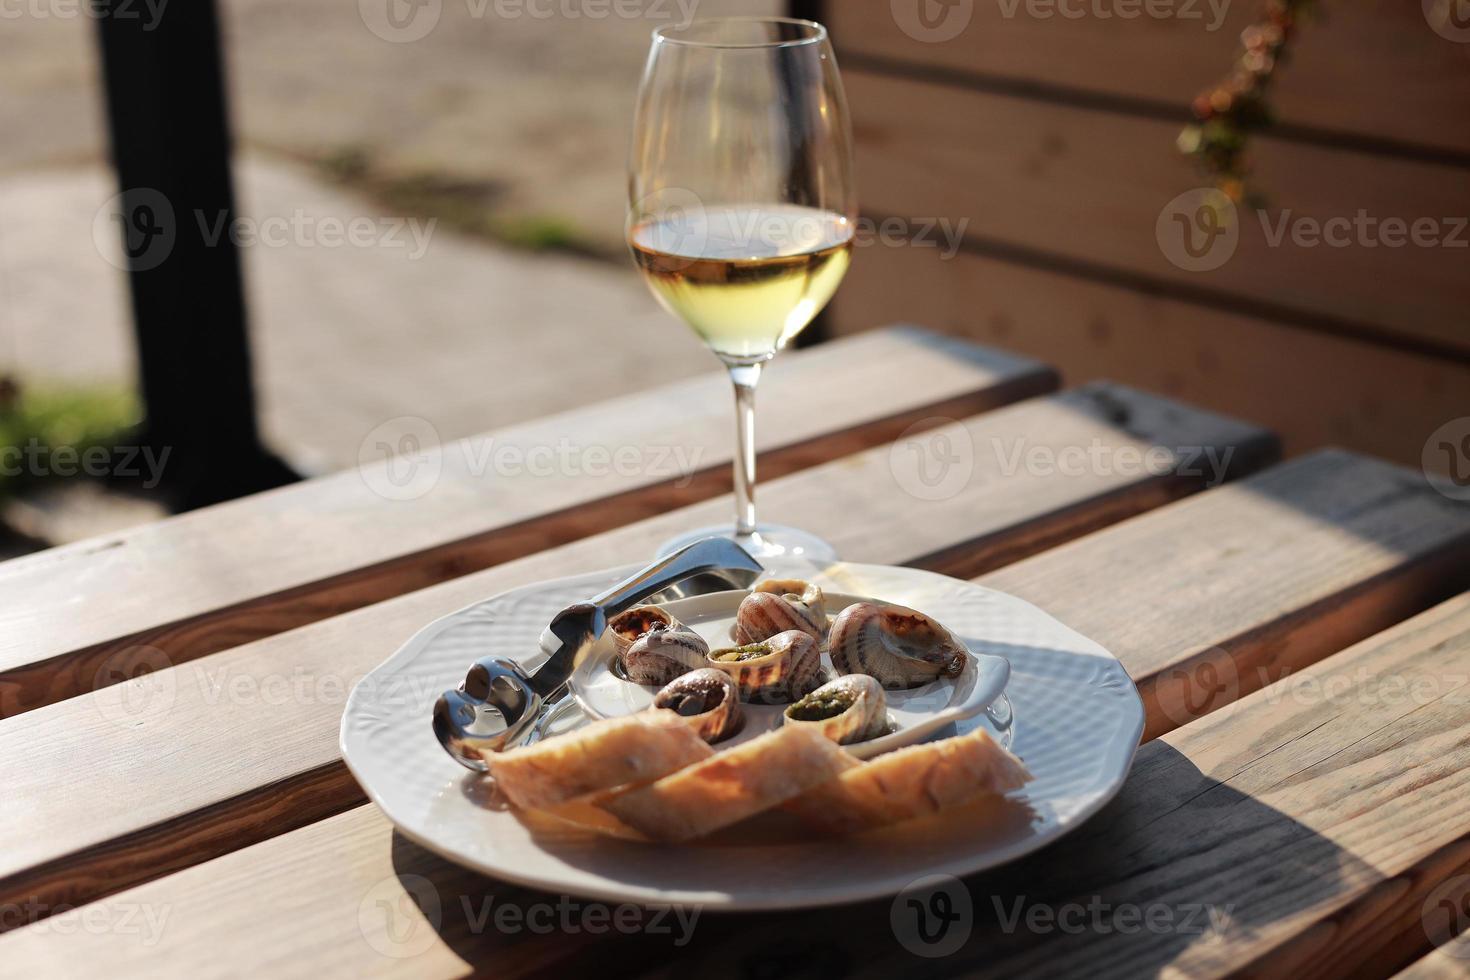 vaso con vino y plato con las conchas de caracol, servido en un plato clásico blanco, con varias salsas, pesto, trufa, queso, trozos de baguette francés, tenedor para una concha, mesa de madera en café al aire libre foto